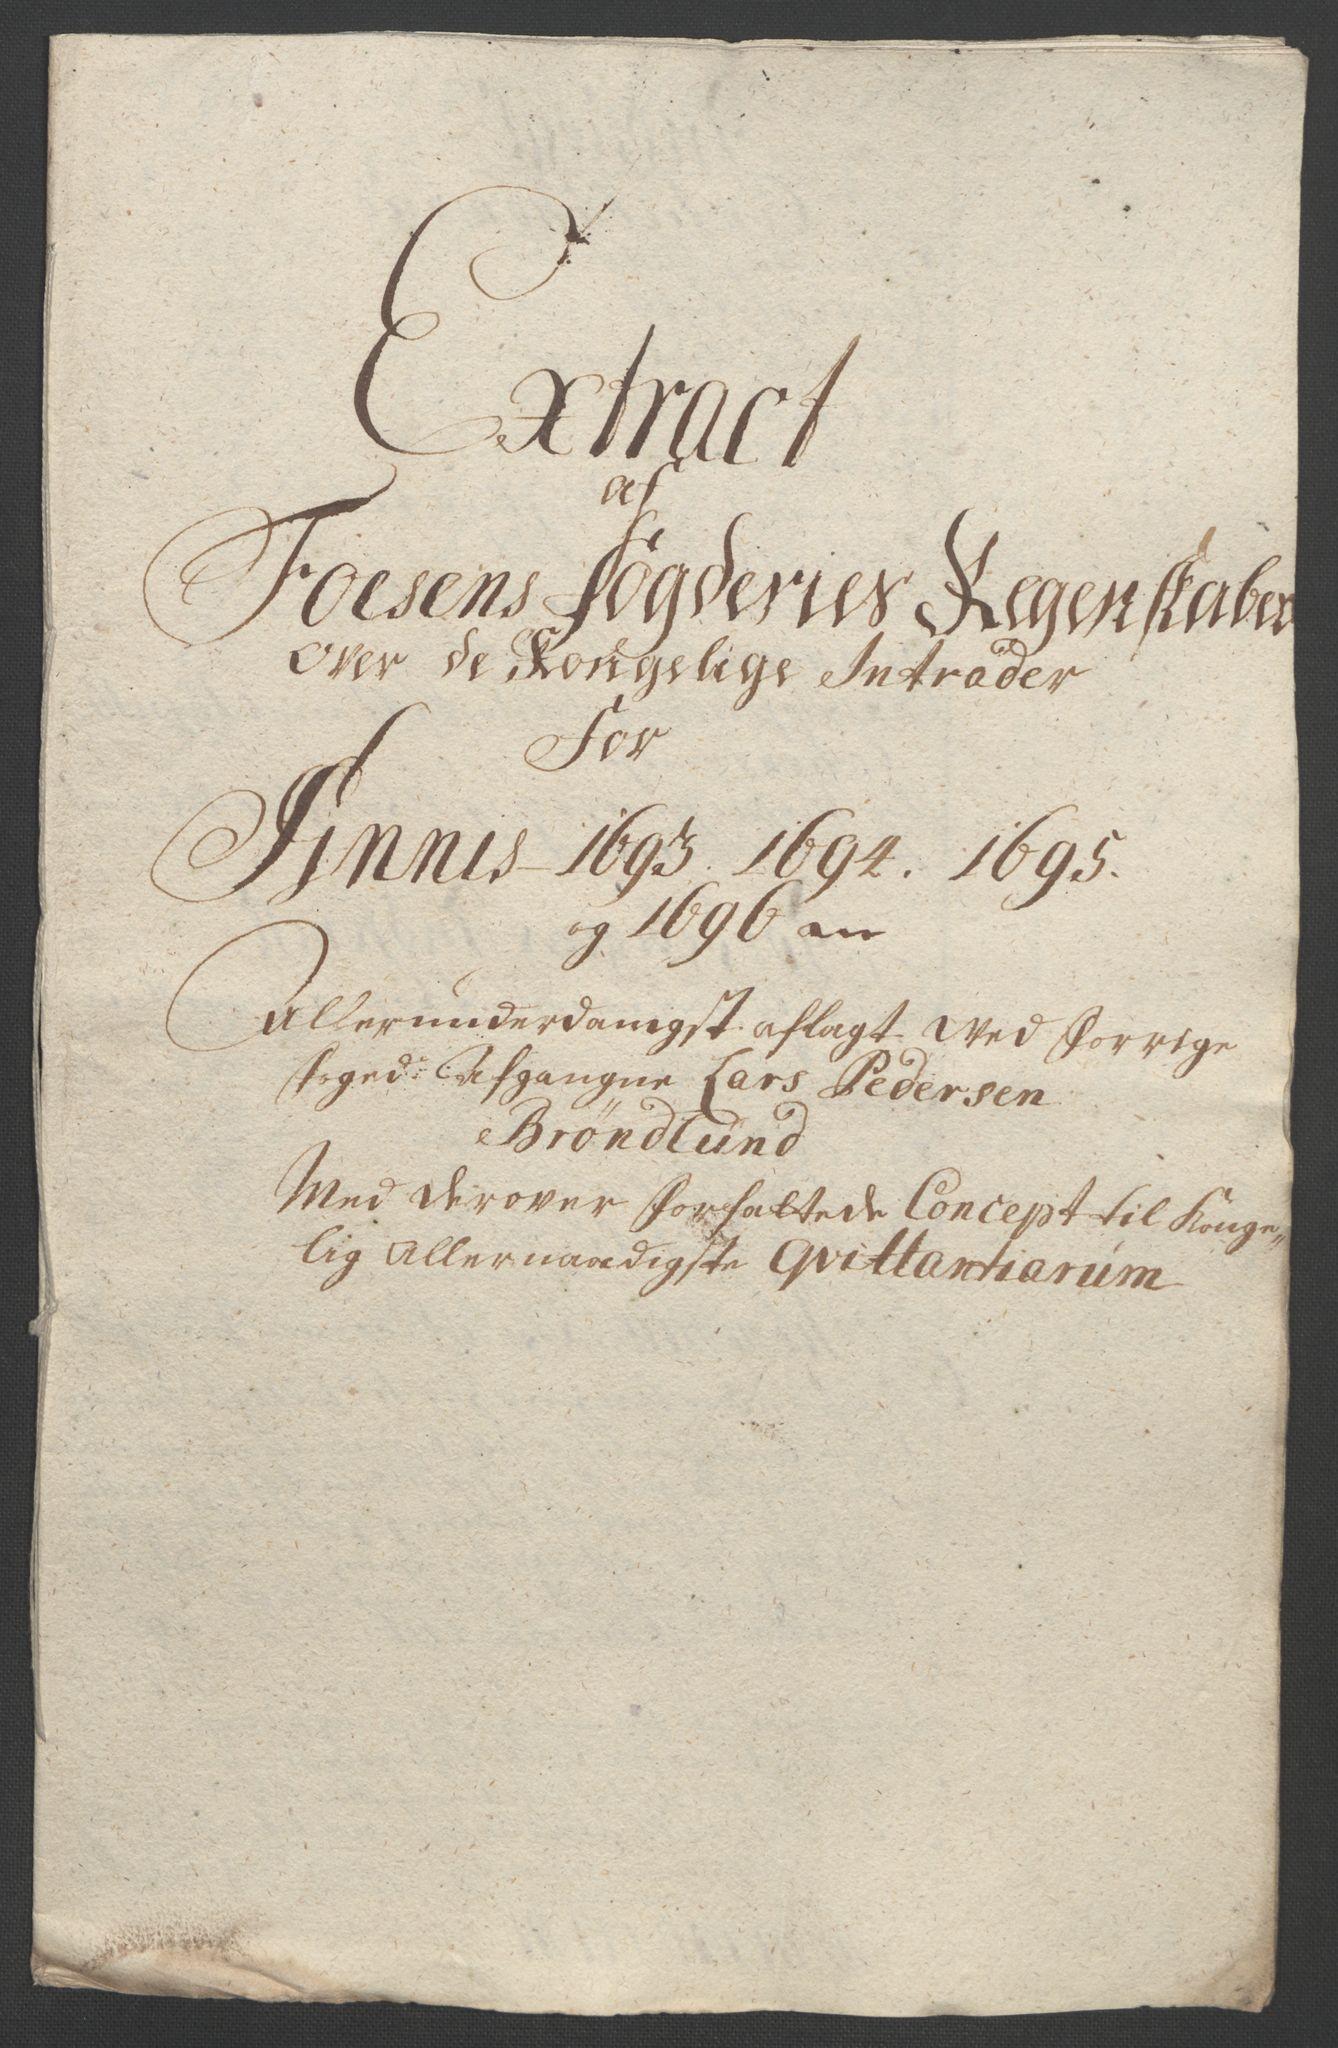 RA, Rentekammeret inntil 1814, Reviderte regnskaper, Fogderegnskap, R57/L3851: Fogderegnskap Fosen, 1695-1696, s. 312